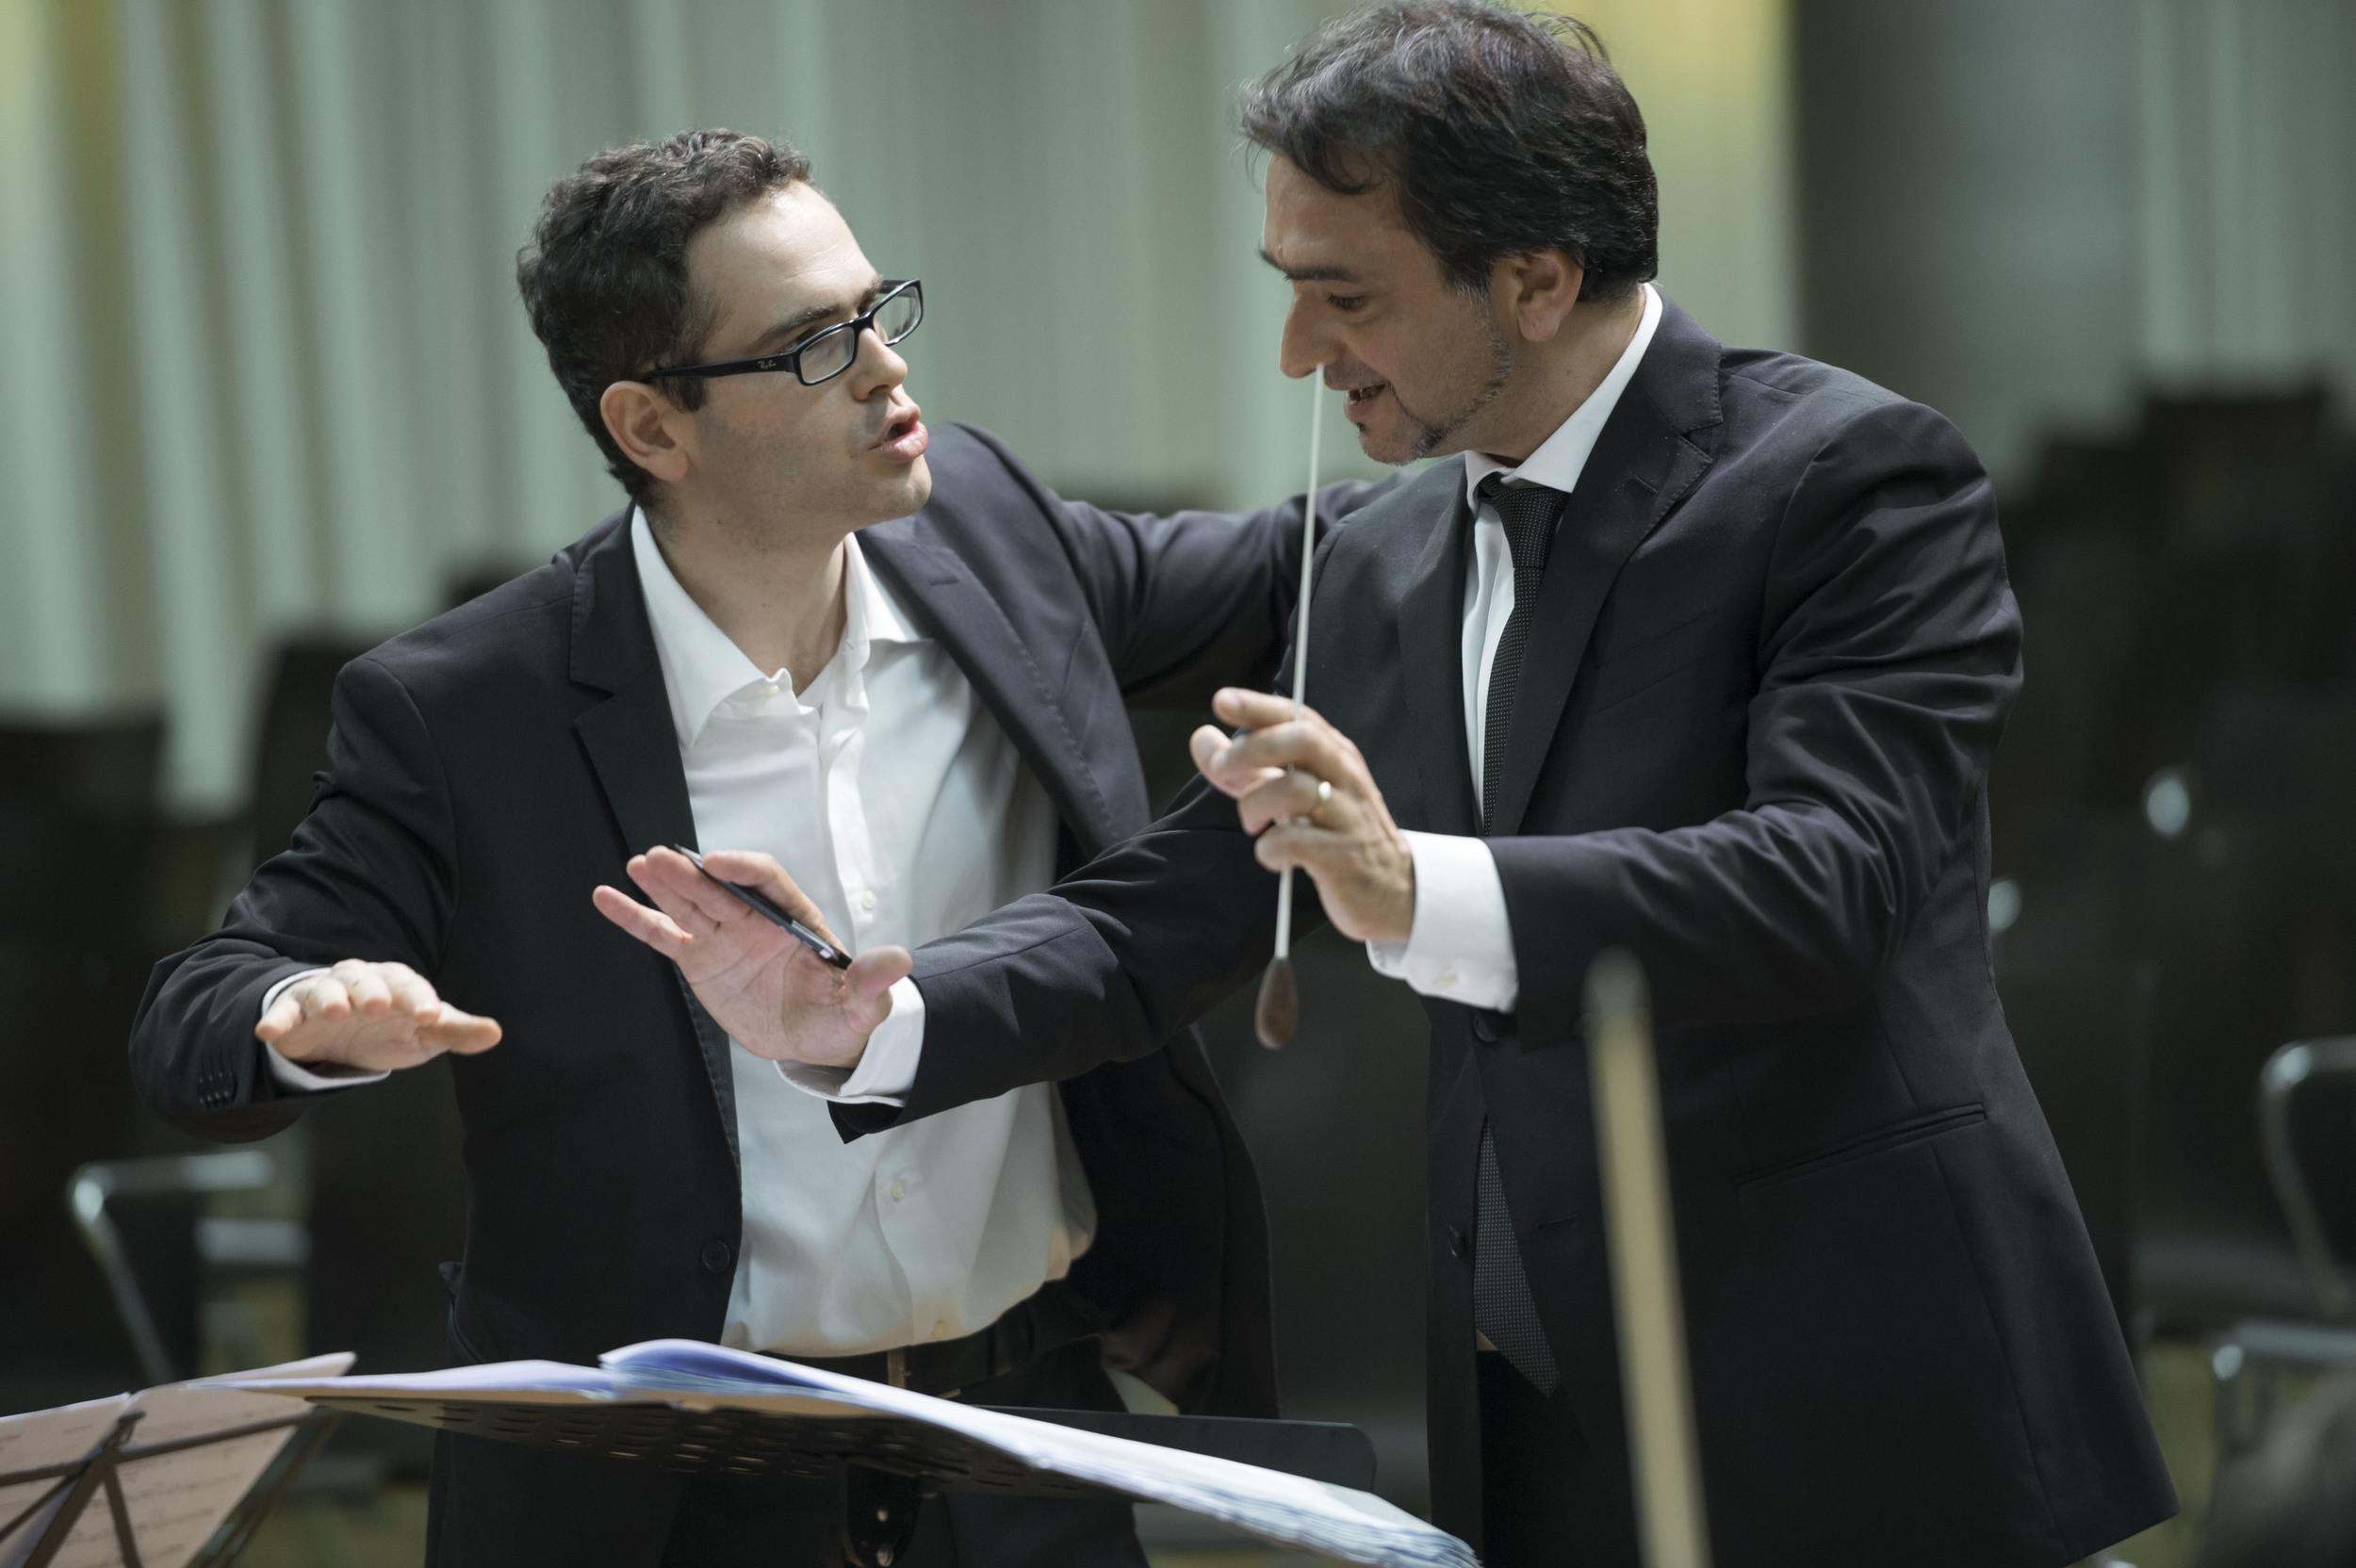 Riccardo Panfili, composer